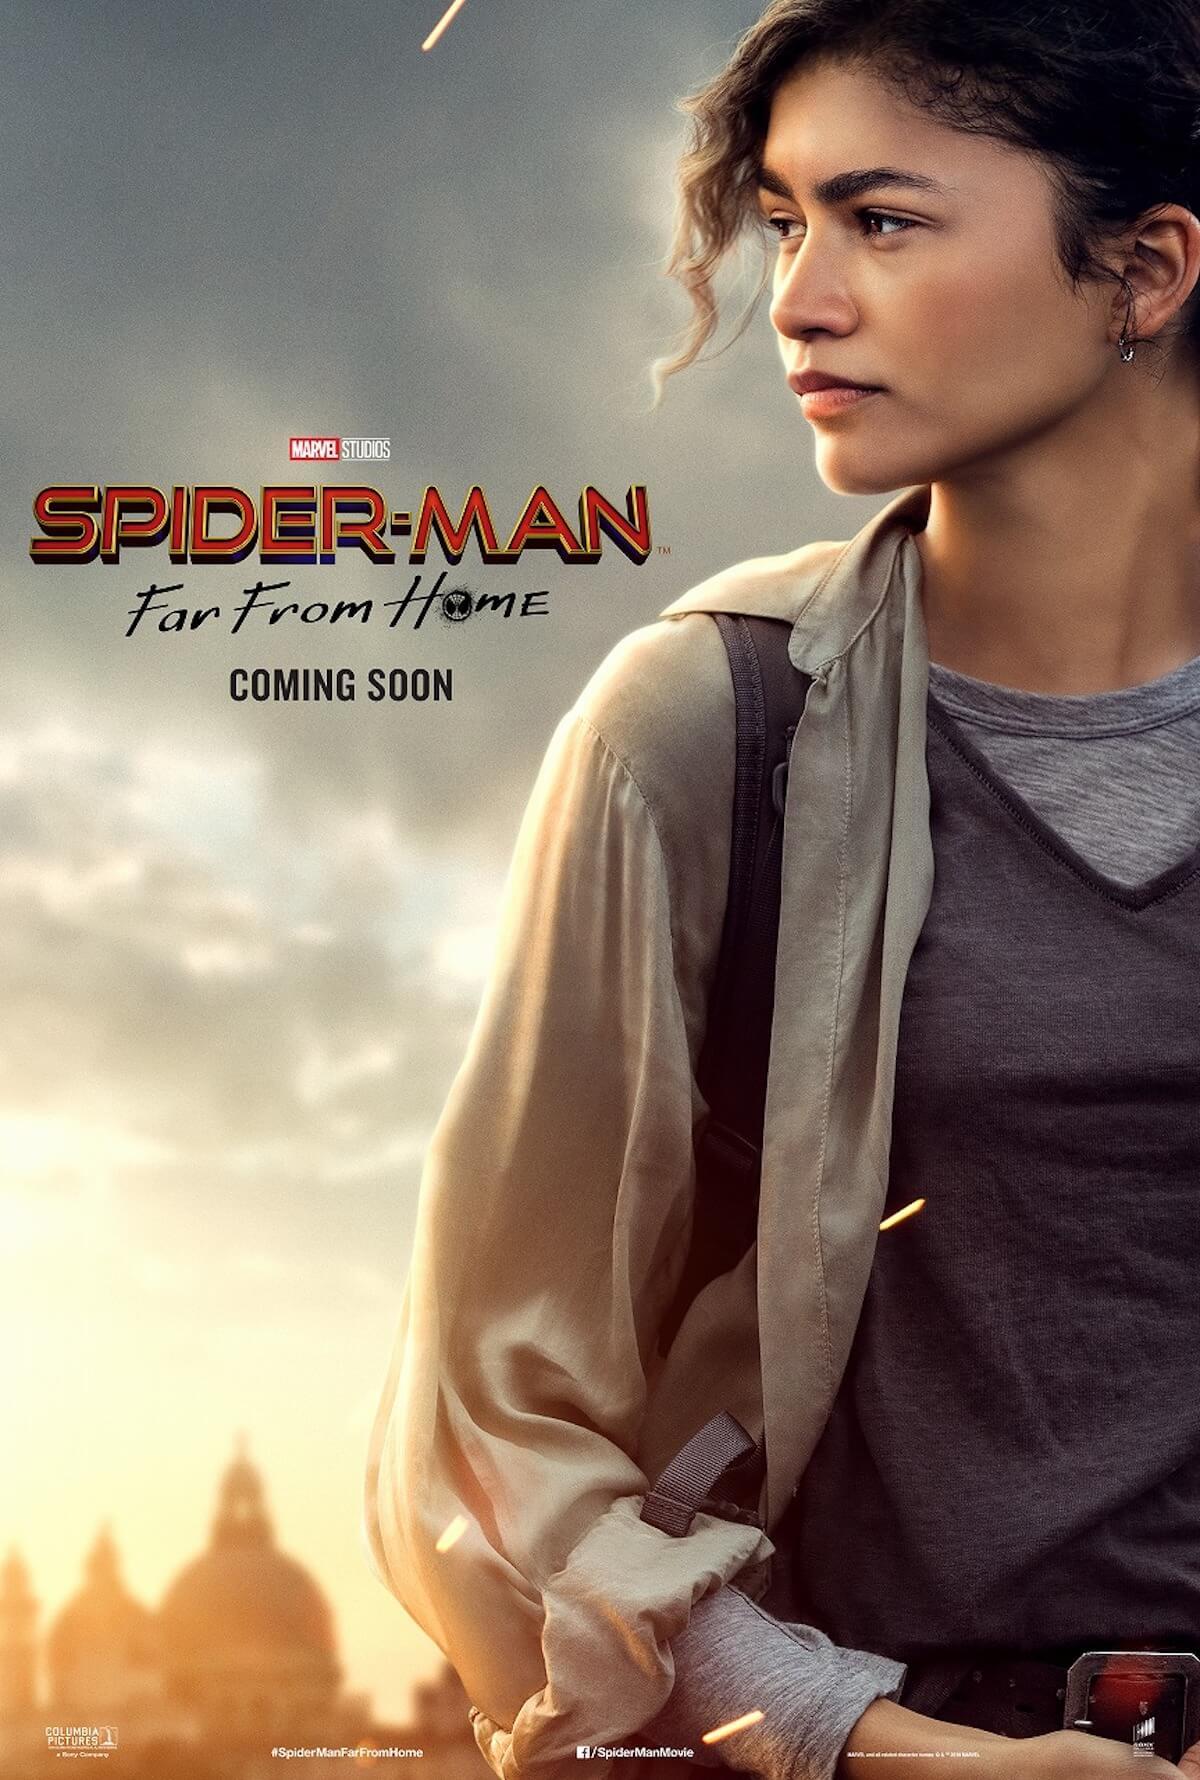 『スパイダーマン:ファー・フロム・ホーム』ストーリーの鍵を握る4人のポスターが解禁! film190523_spiderman_4